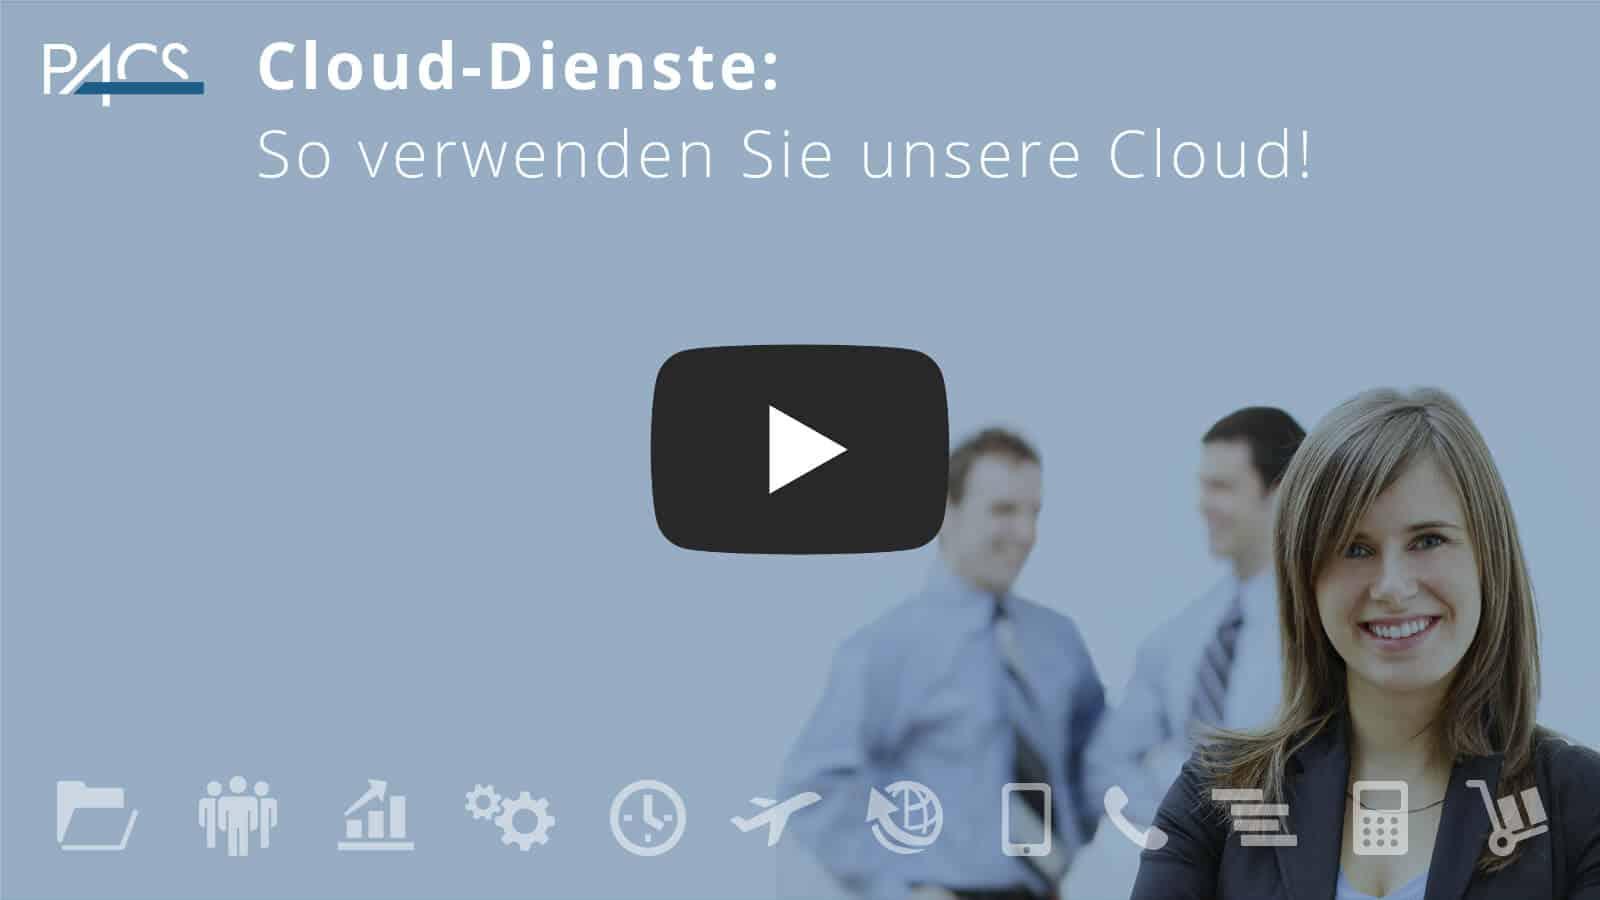 Demo: PACS Cloud Dienste